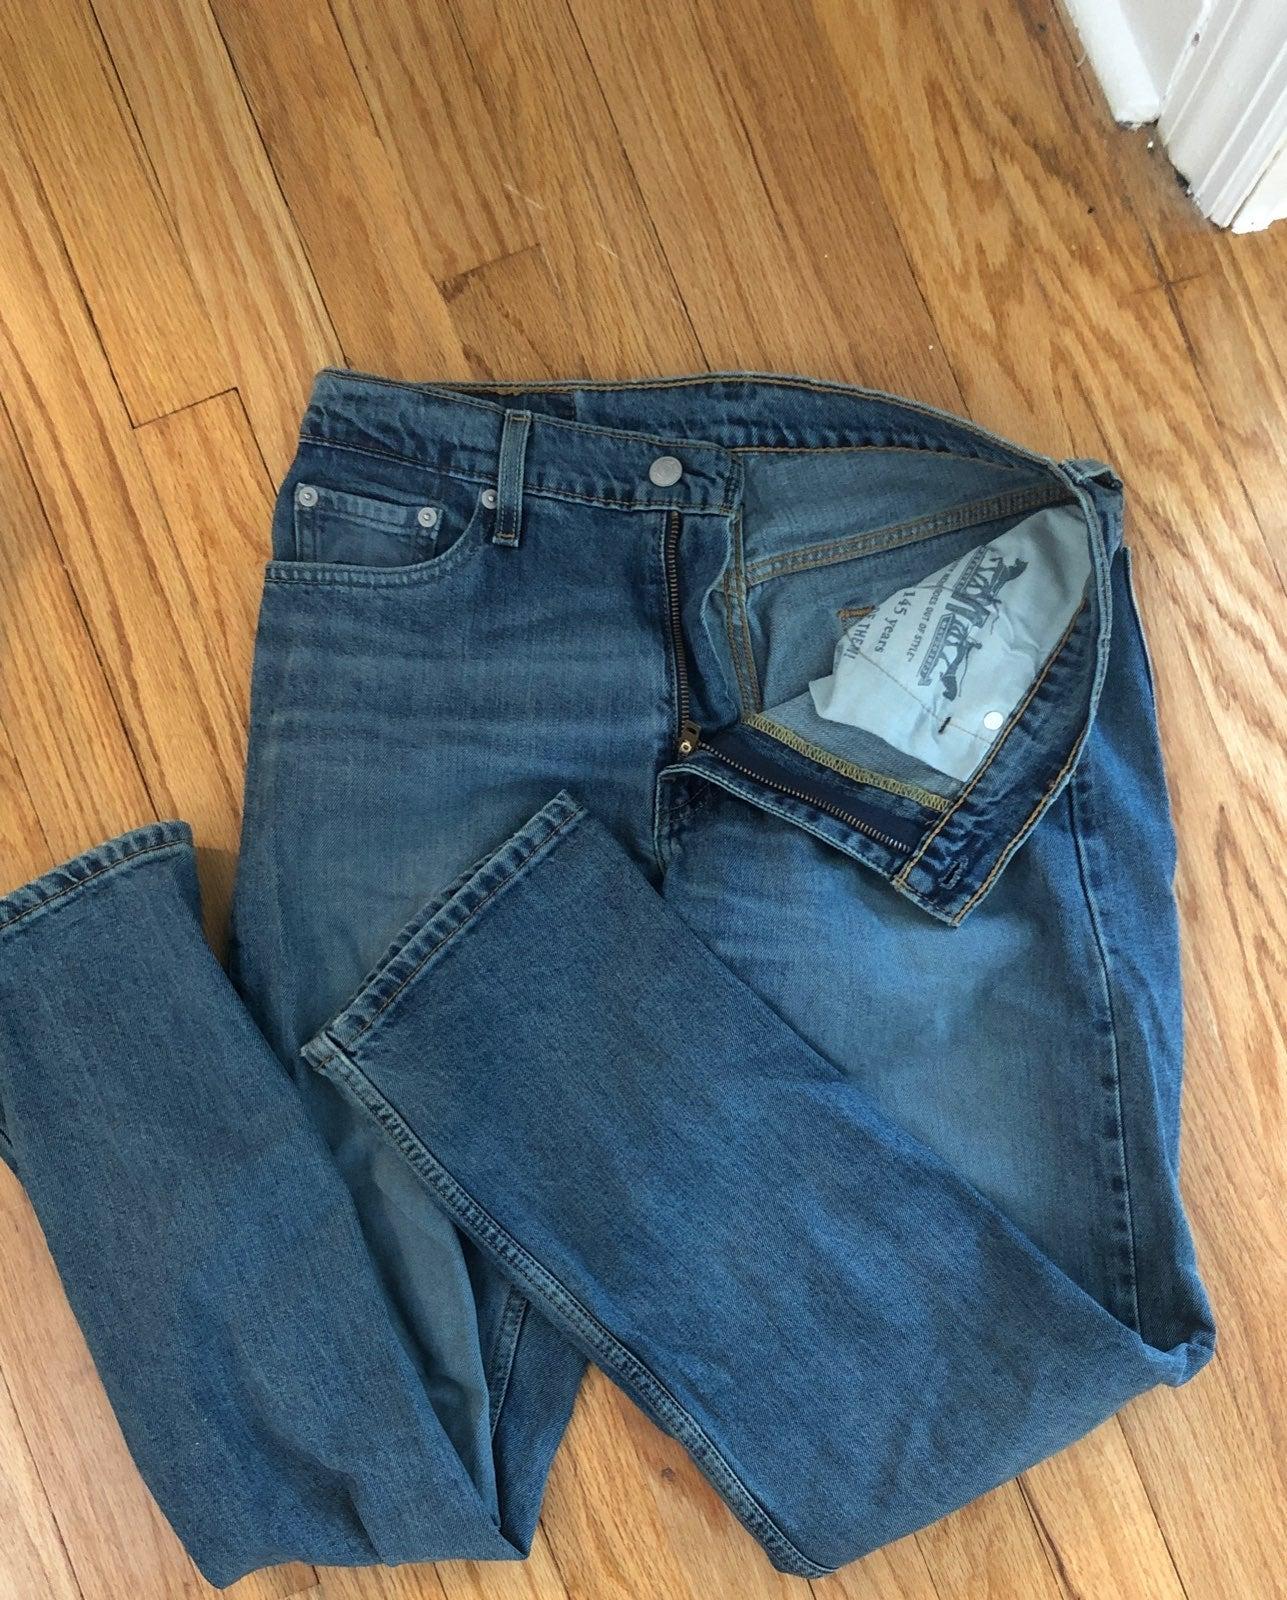 vintage levi jeans 30x30